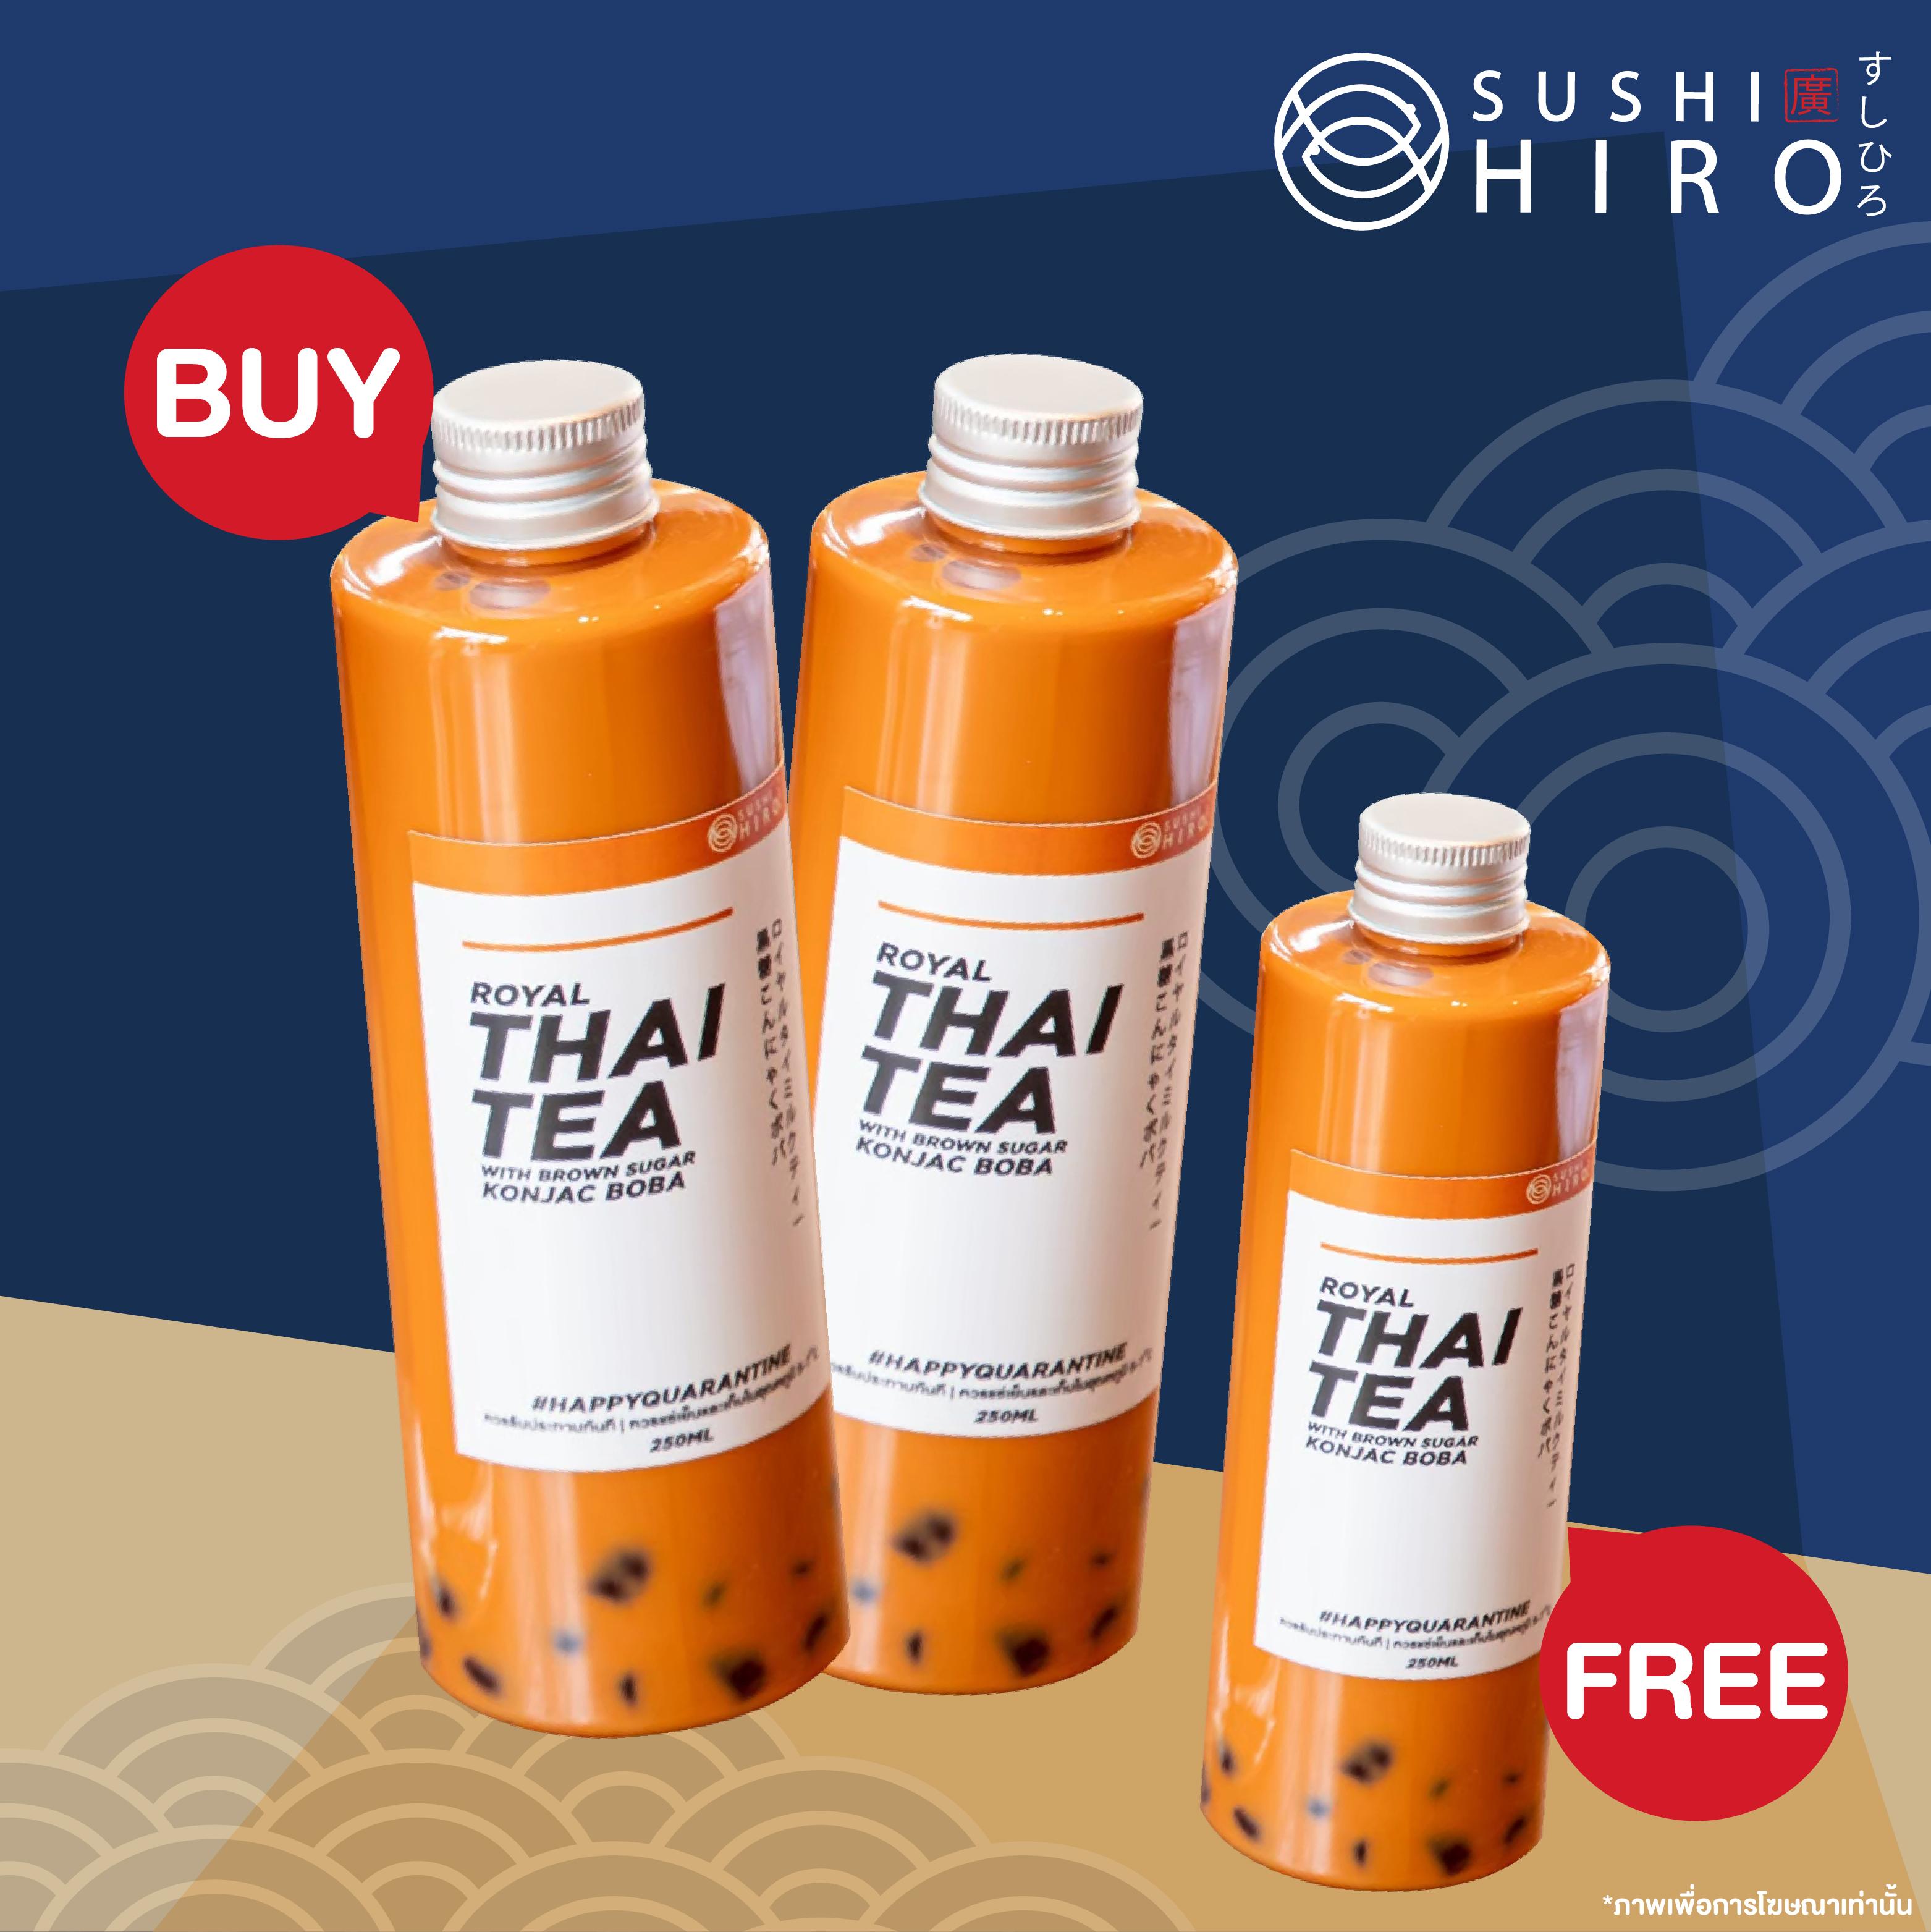 Thai Milk Tea 2 Free 1